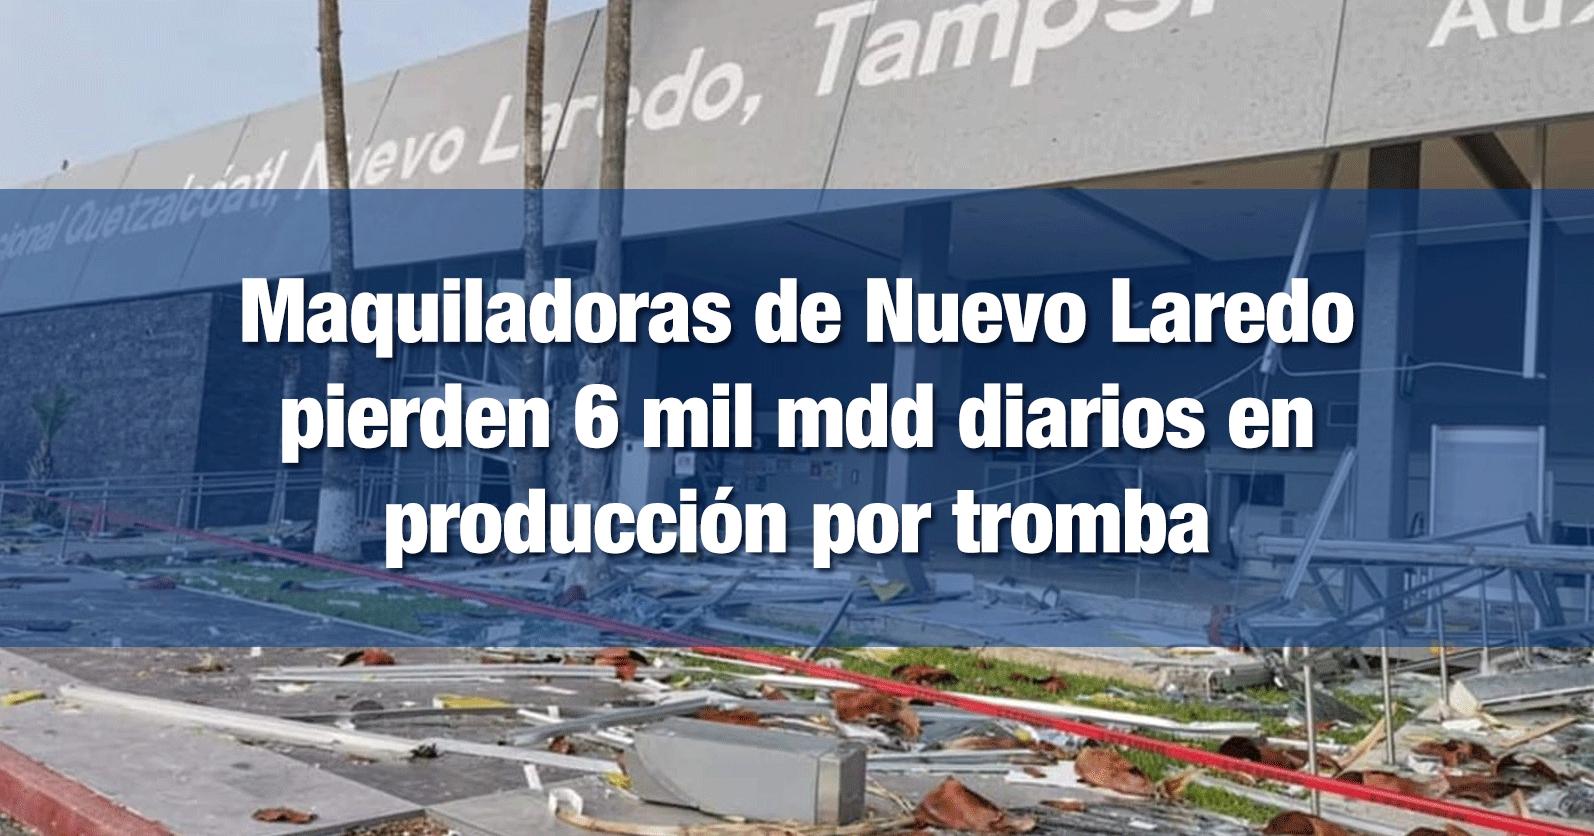 Maquiladoras de Nuevo Laredo pierden 6 mil mdd diarios en producción por tromba